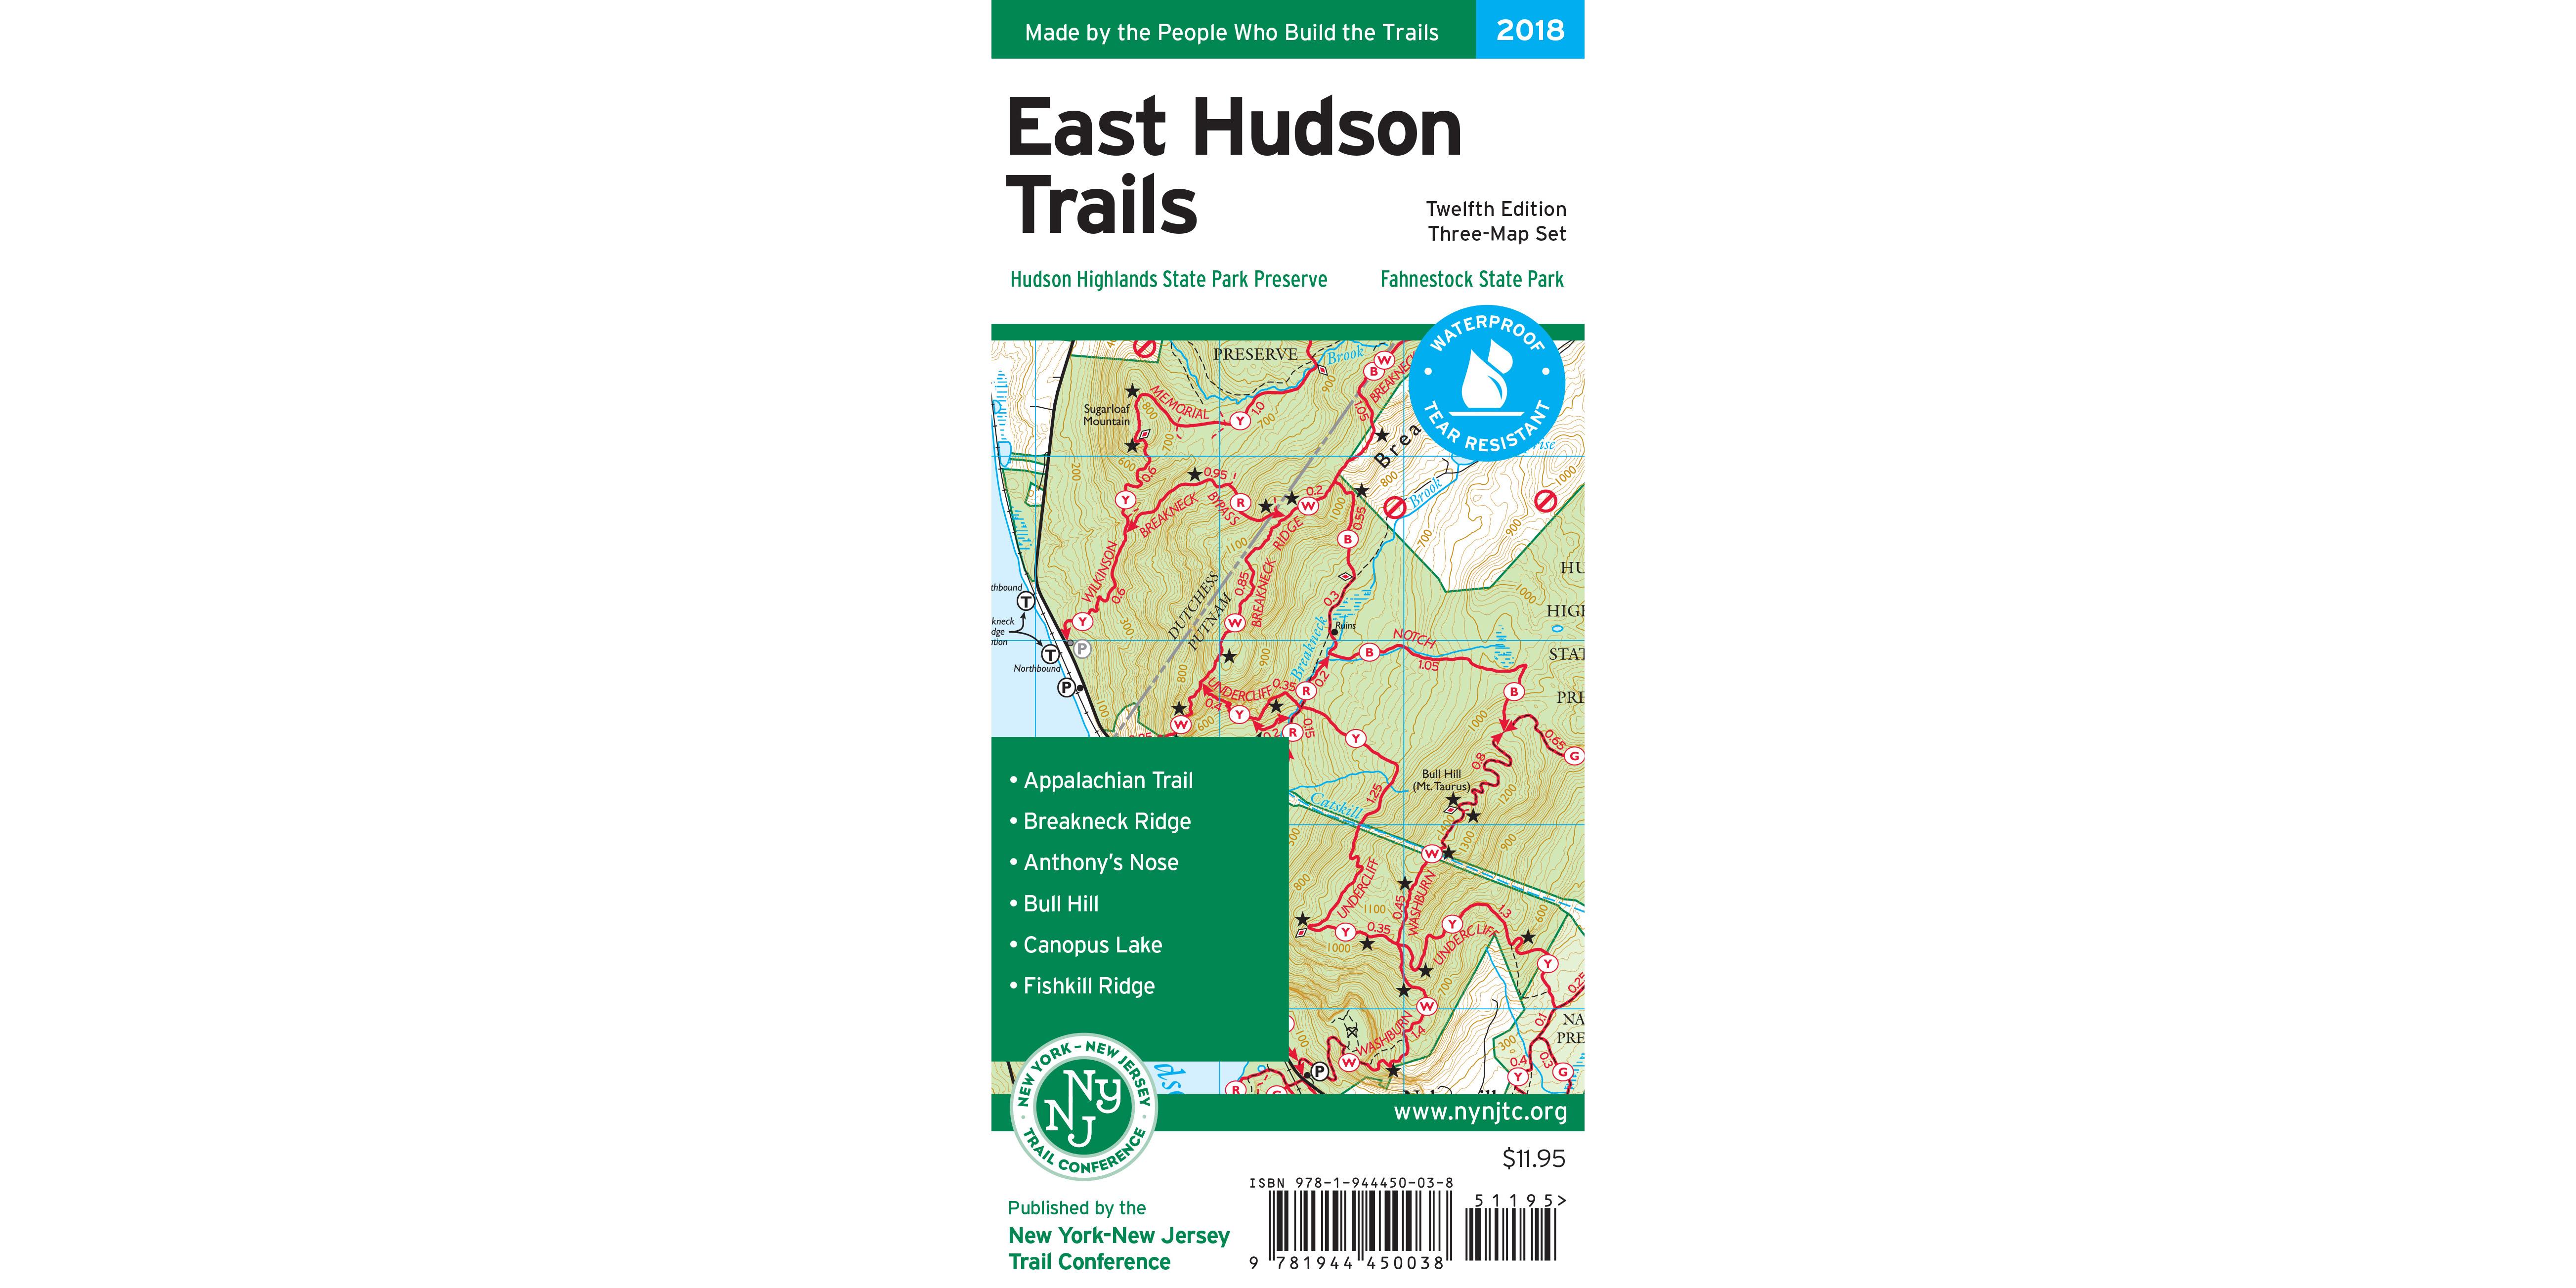 East Hudson Trails Map 2018